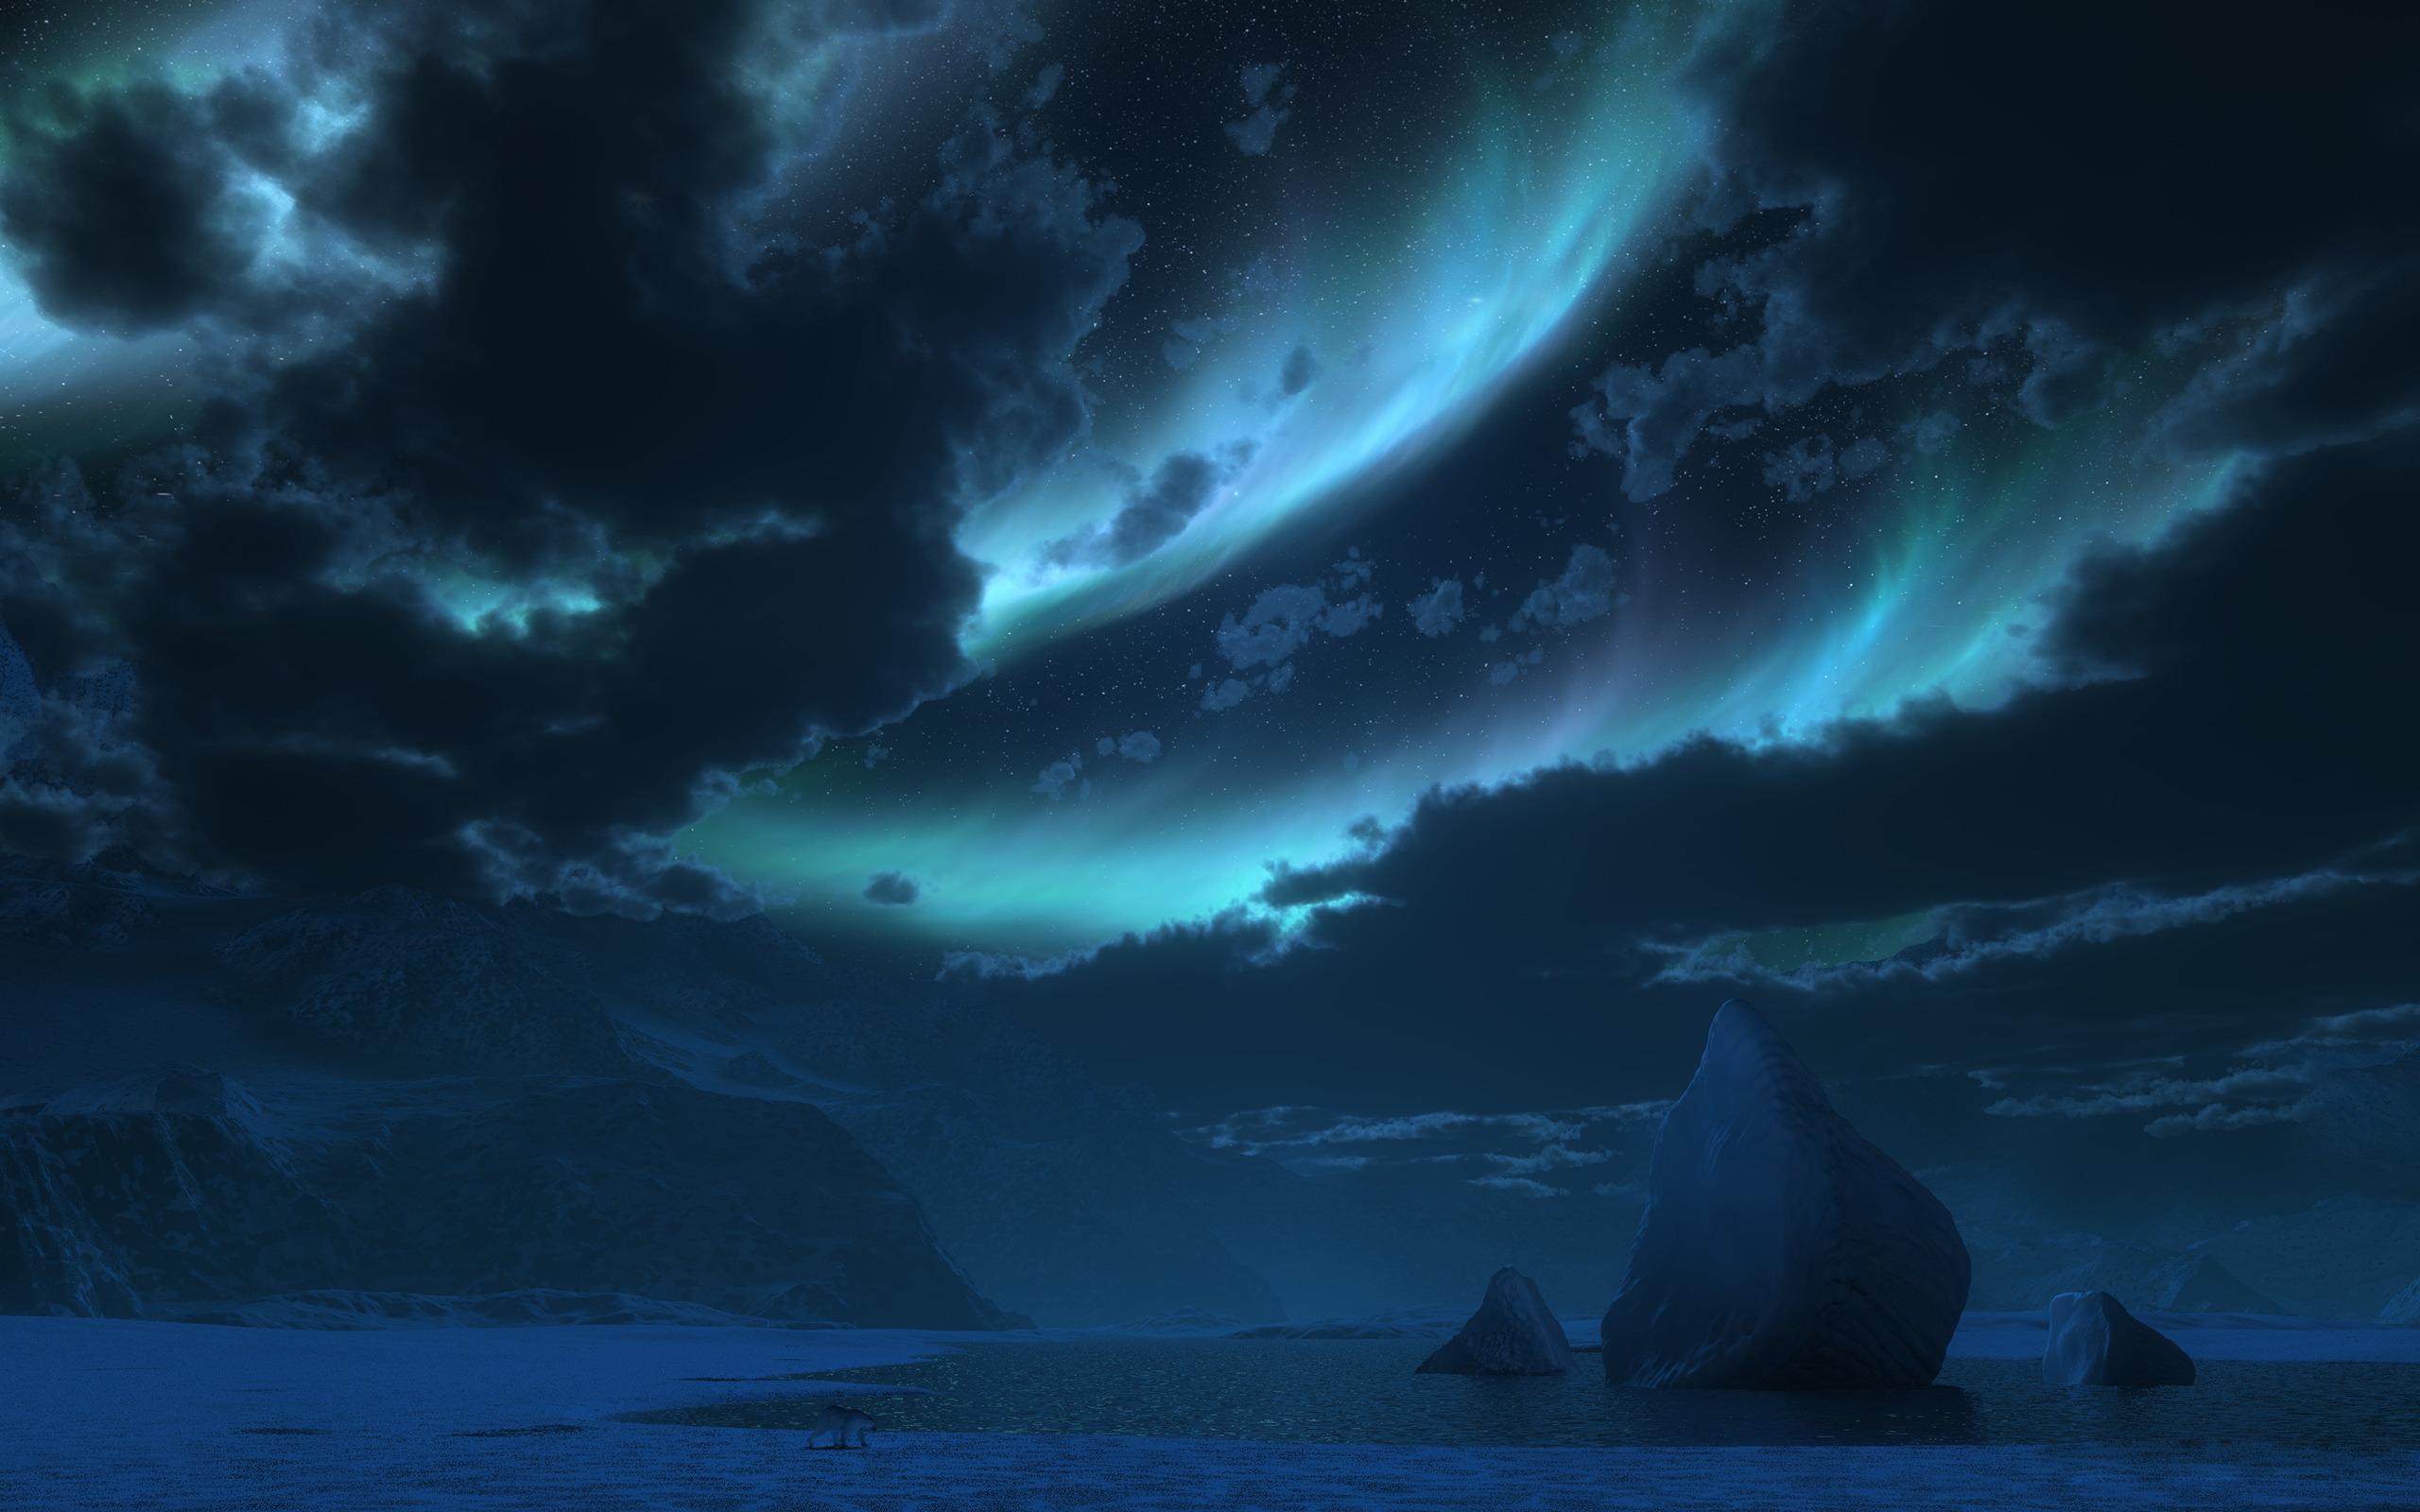 небо, тучи, Арктика